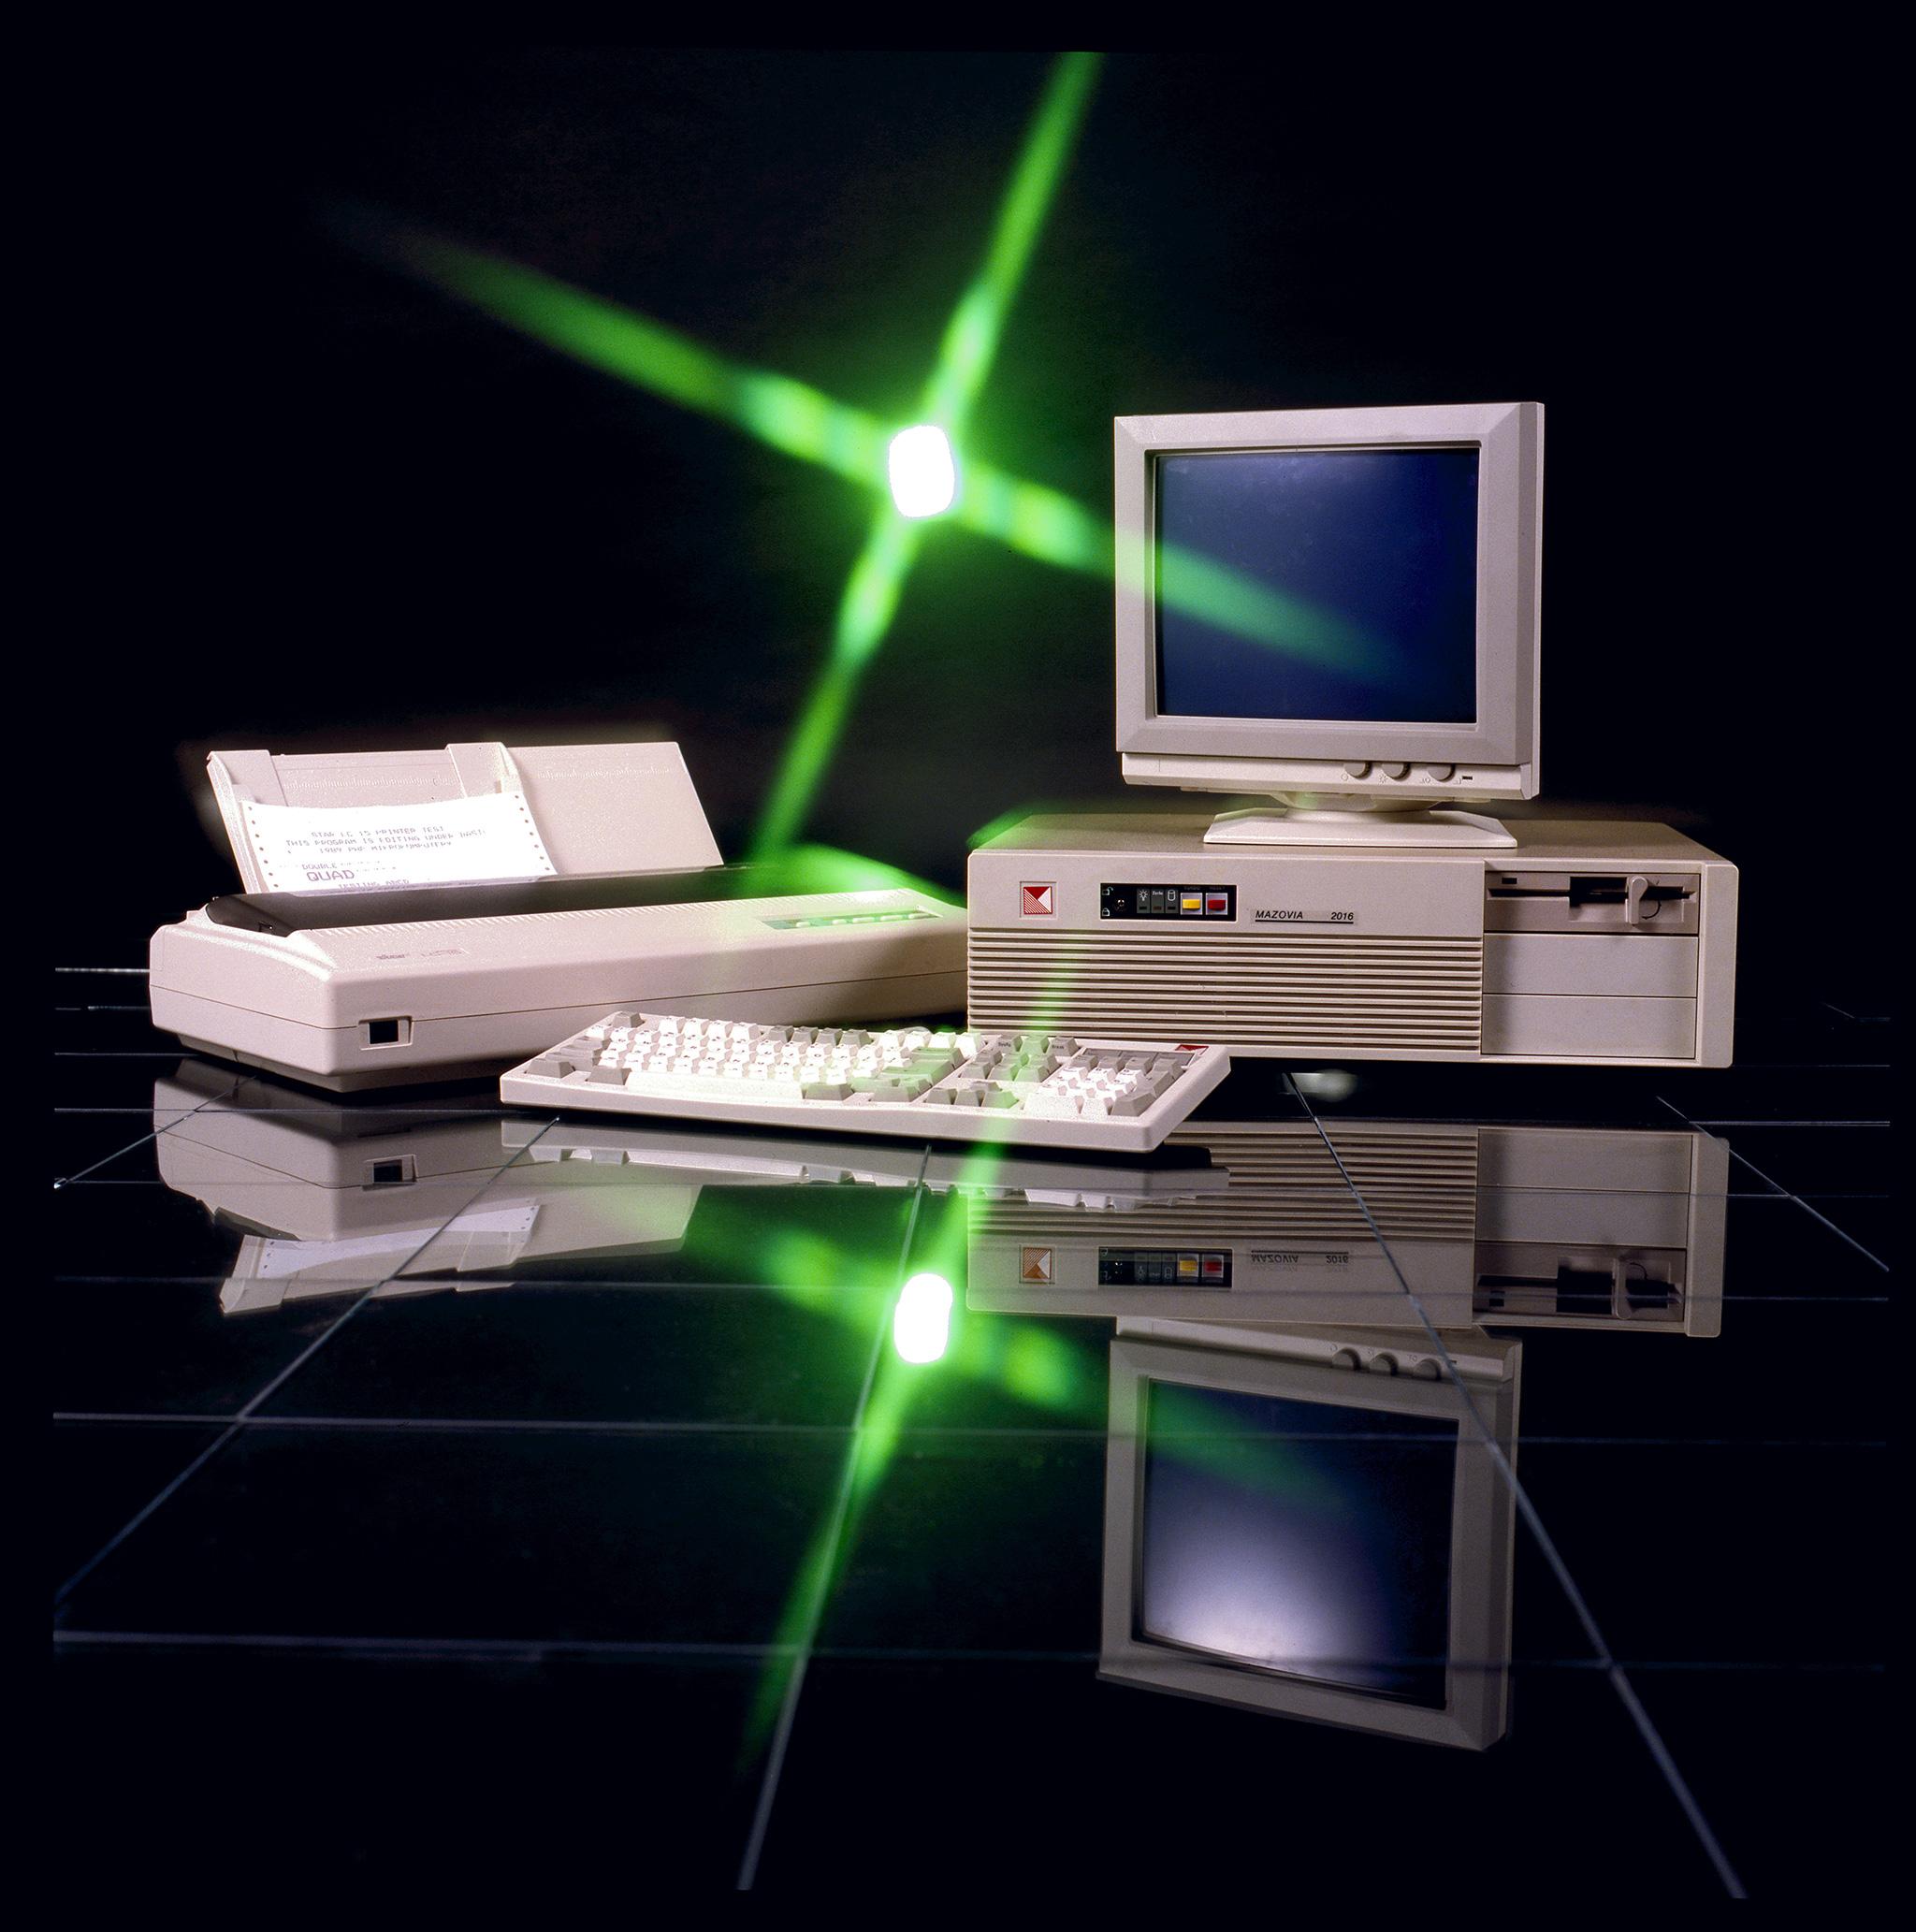 Mikrokomputer Mazovia 2016 złożony wcałości zkompnentów importowanych. Polskie zostało już tylkologo naobudowie